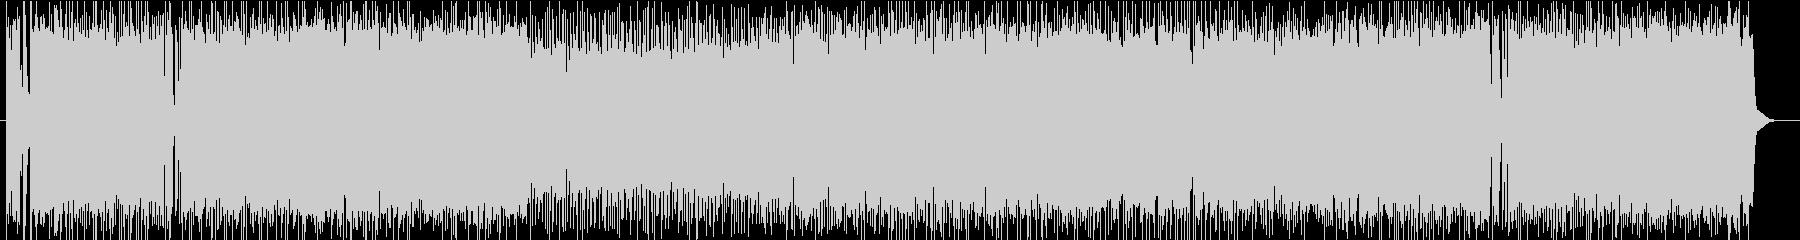 【全て生演奏】ゆるいファンク系ジャムの未再生の波形